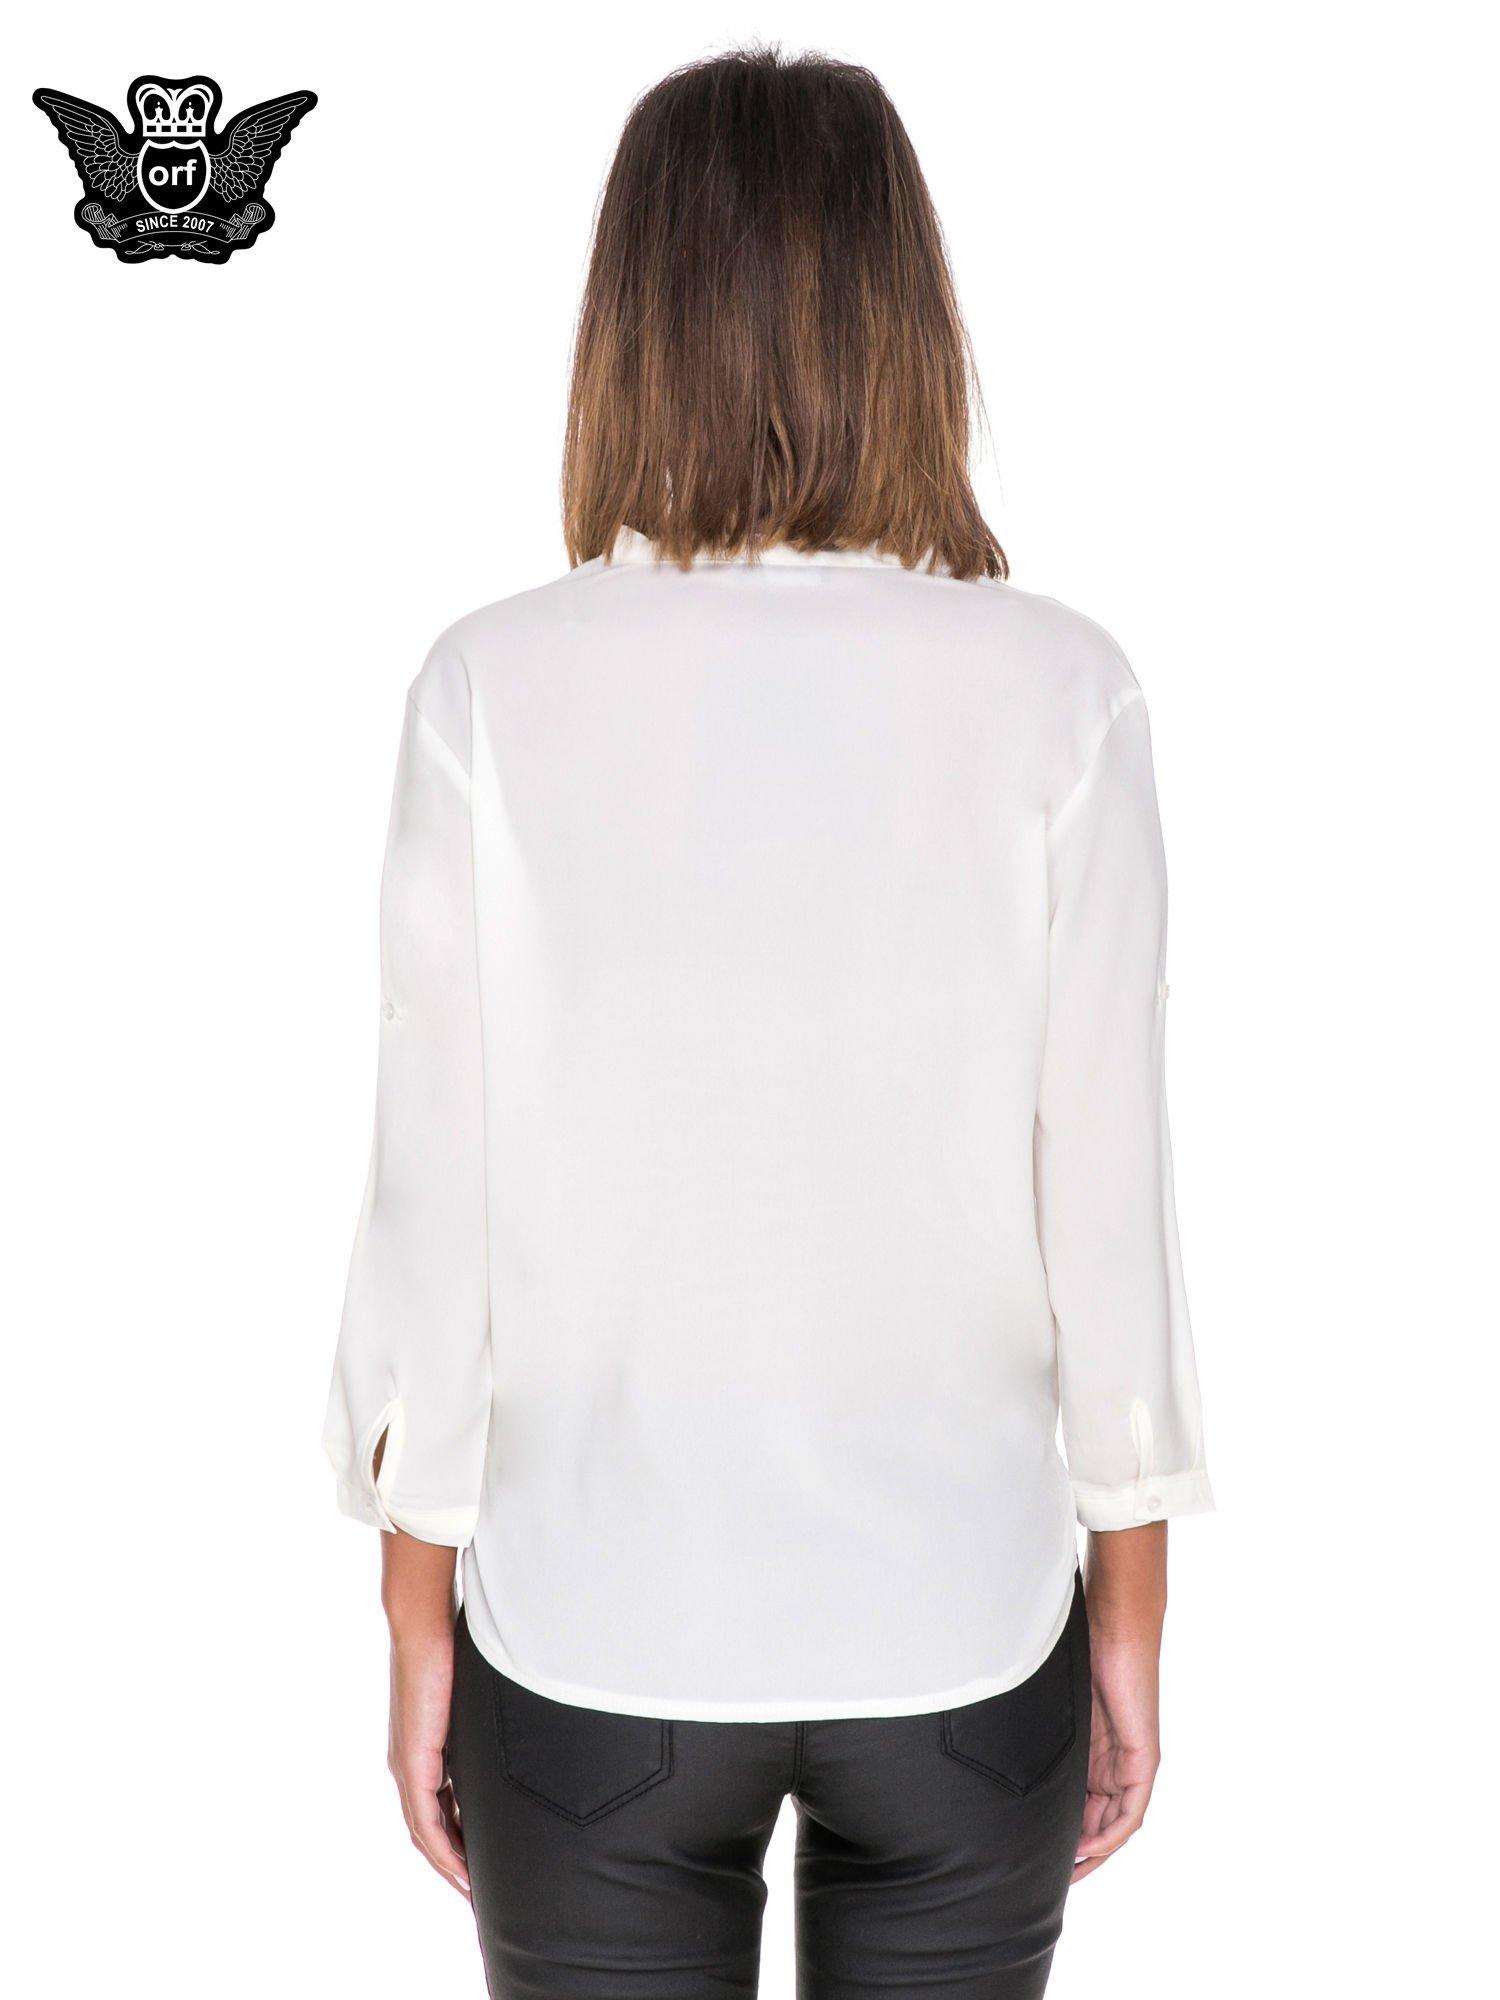 Biała minimalistyczna koszula z trójkątnym dekoltem                                  zdj.                                  4